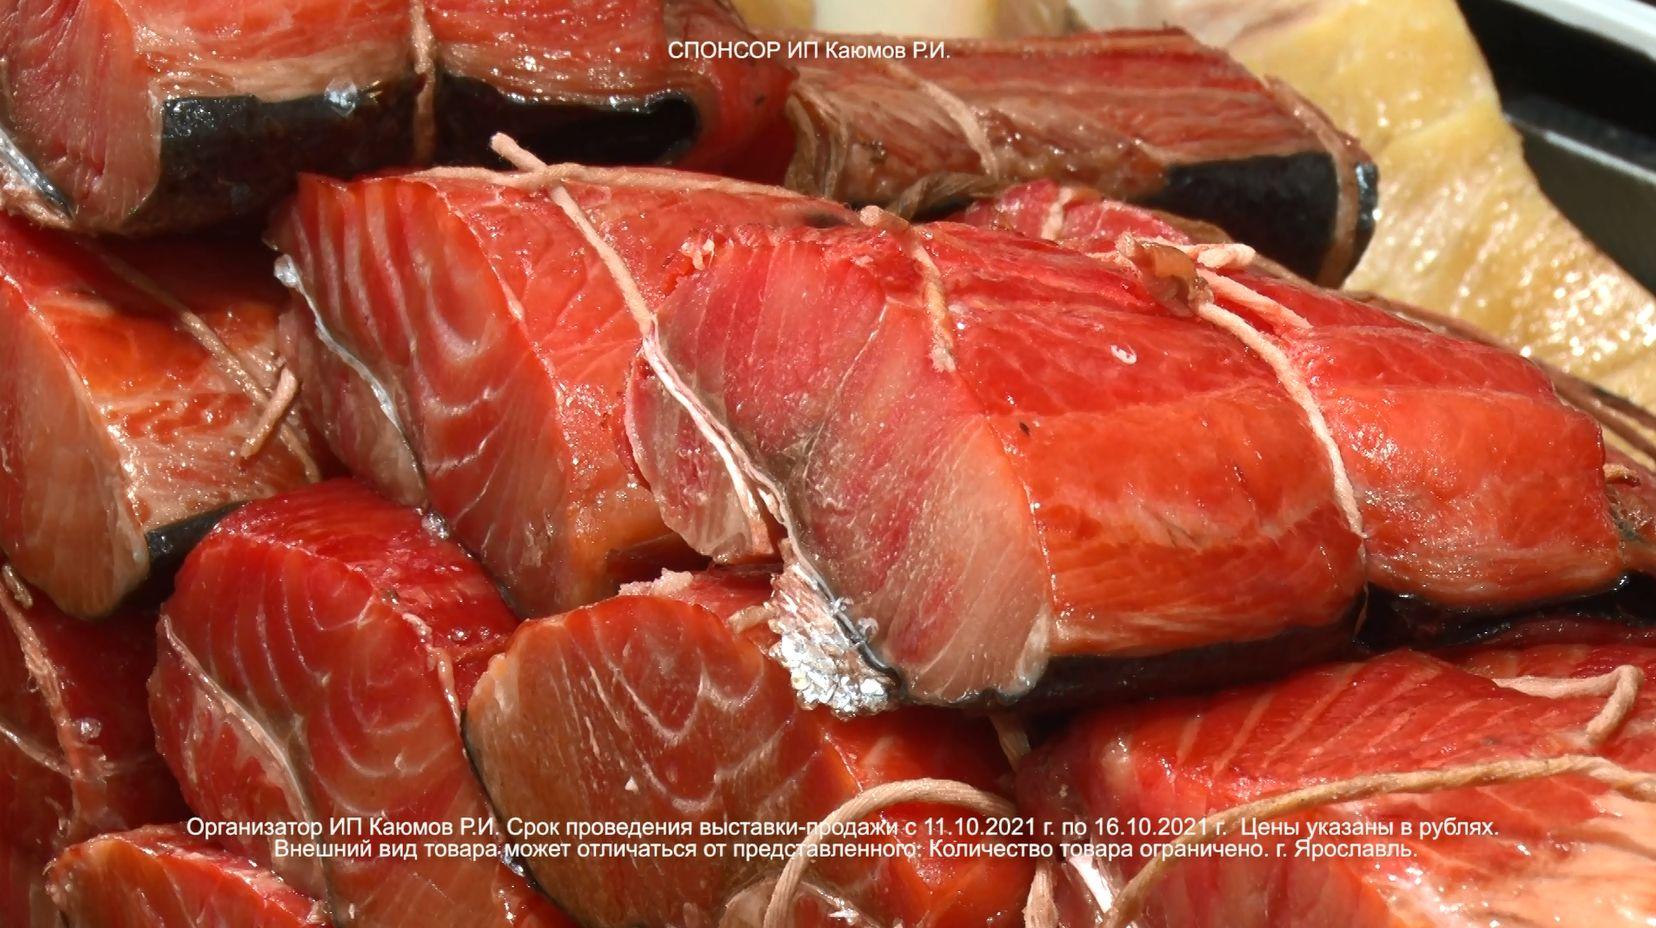 Выставка-продажа деликатесной Камчатской икры и рыбы открылась в Ярославле